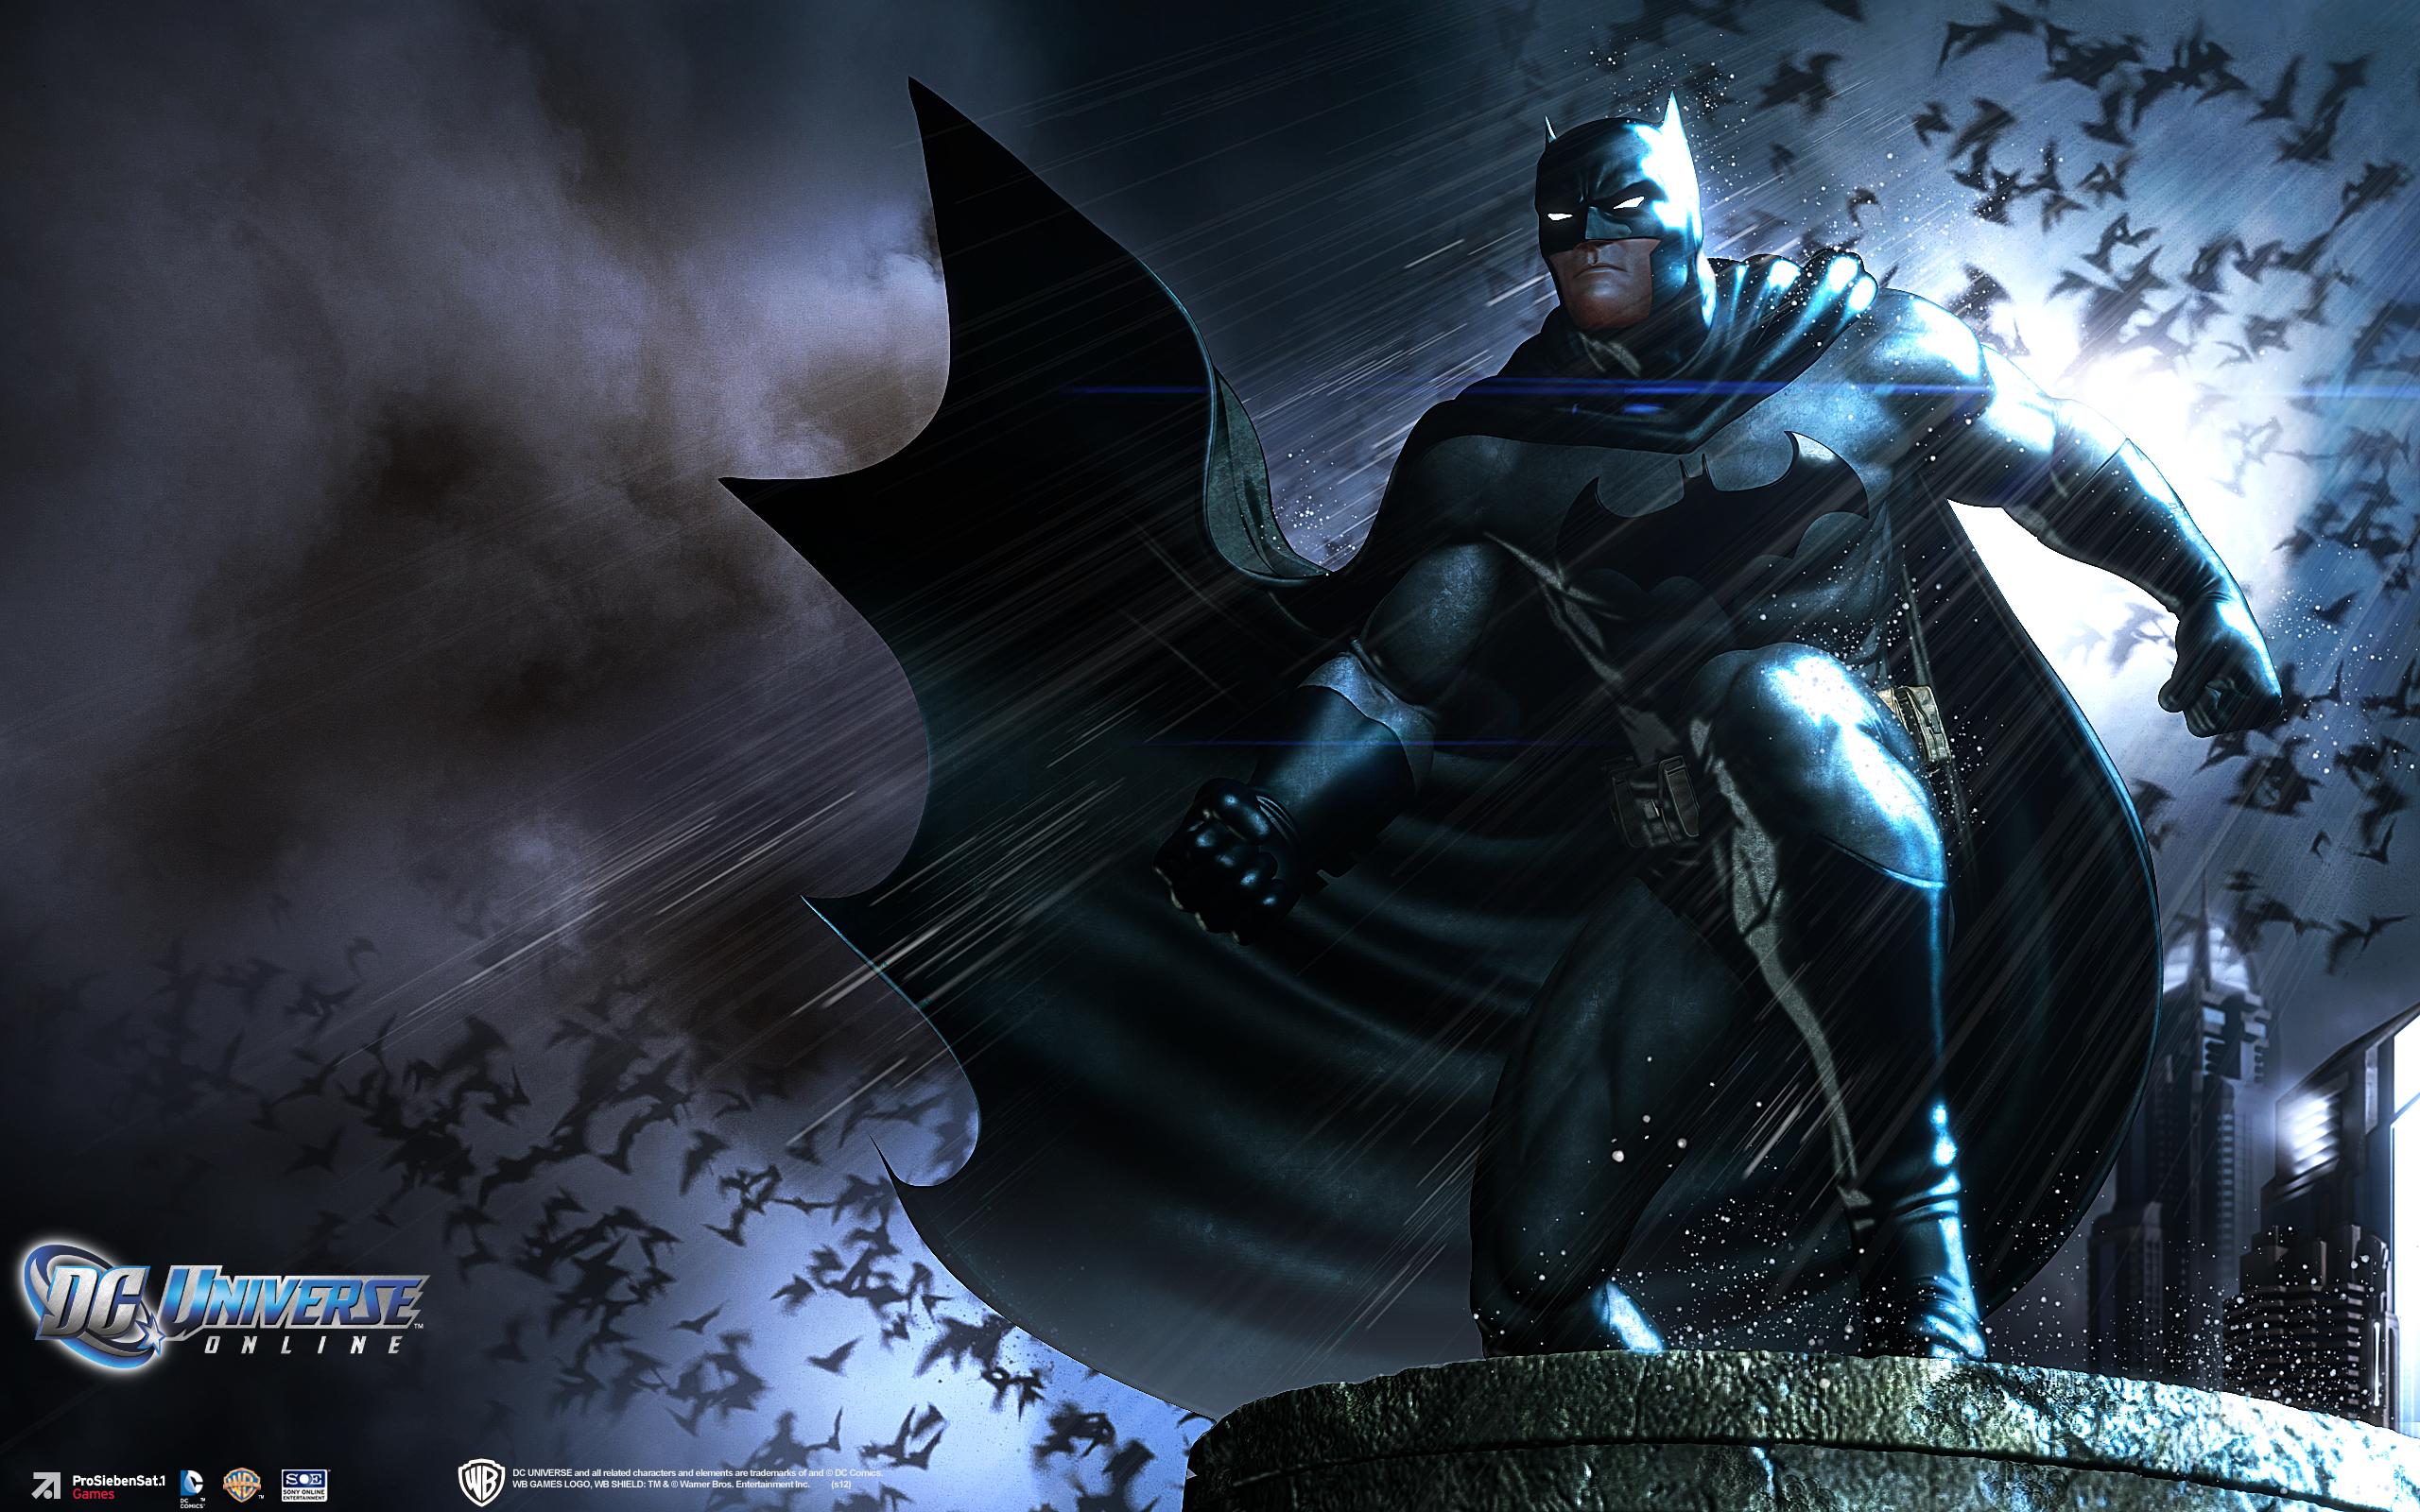 DC UNIVERSE ONLINE D C Superhero Comics Batman Wallpaper